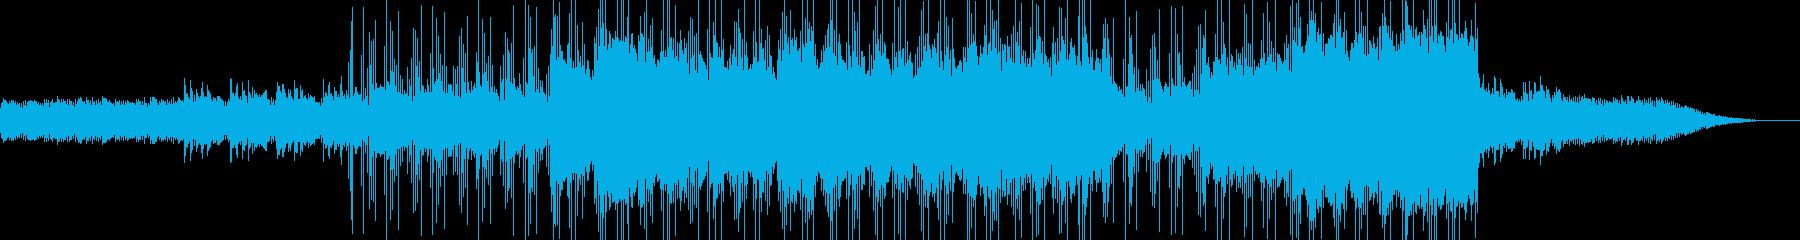 穏やかでファンタジックなBGMの再生済みの波形